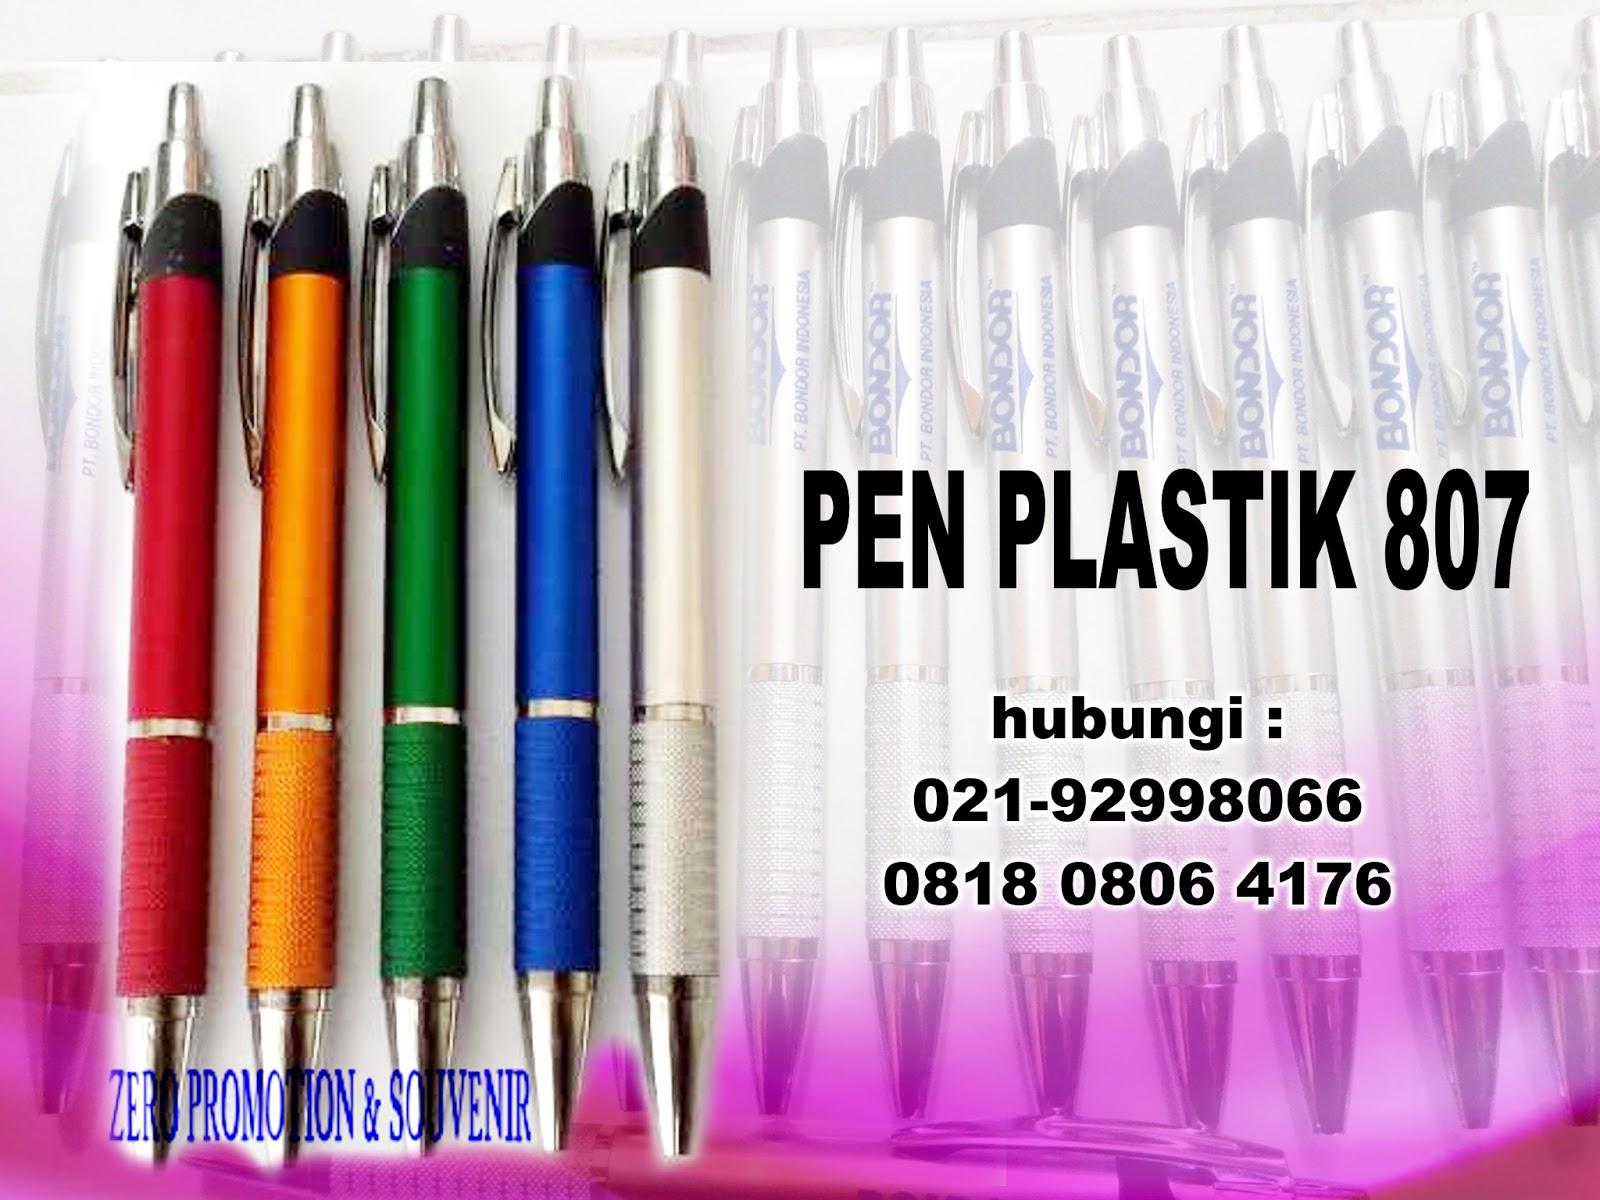 Pulpen Seminar Eksklusif 807, pen plastik 807, pulpen promosi 807, pen ...